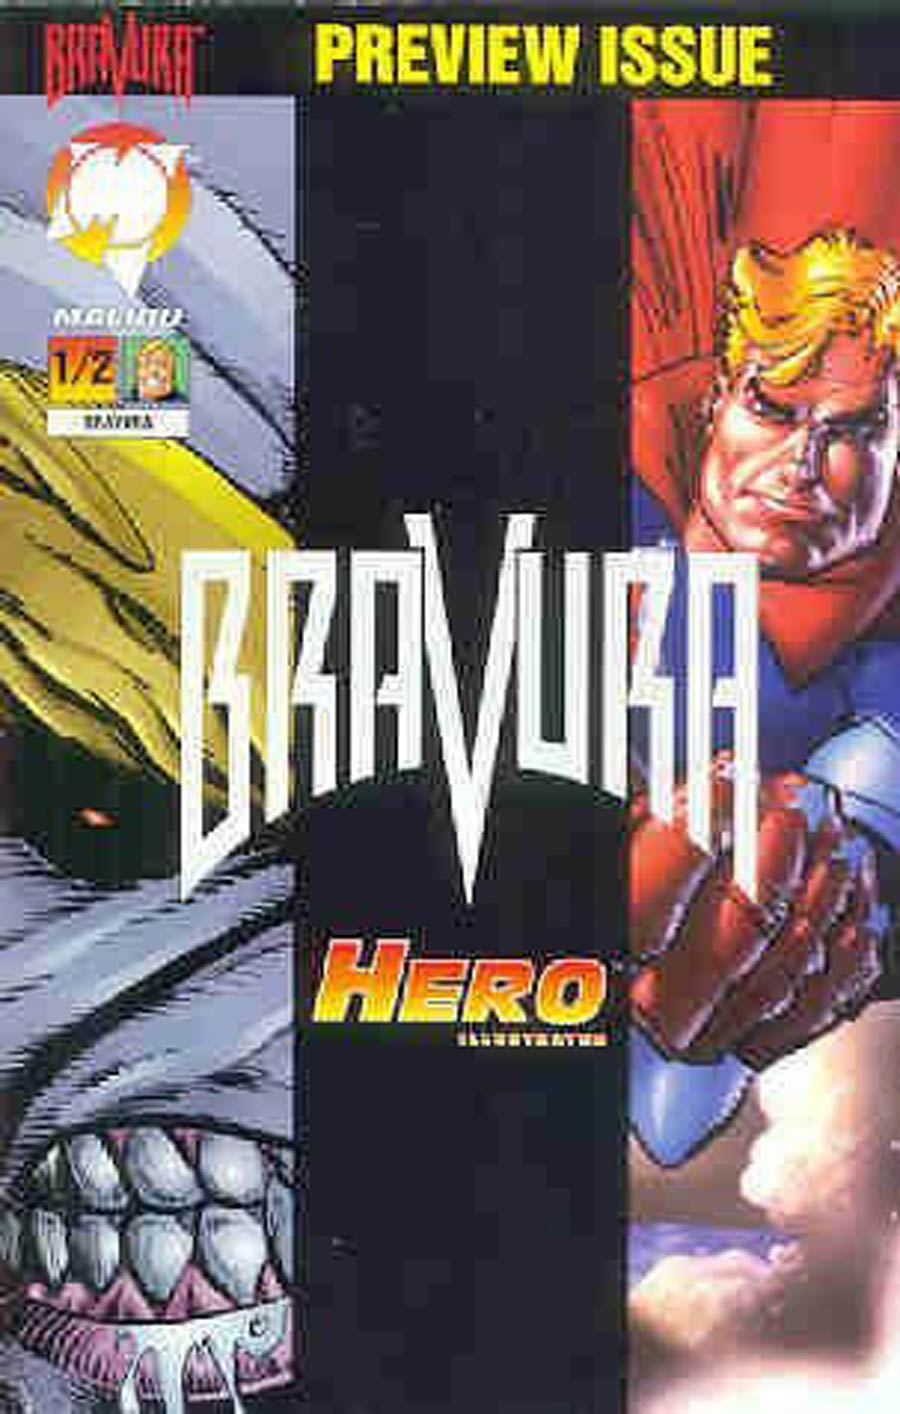 Bravura #1/2 Cover A